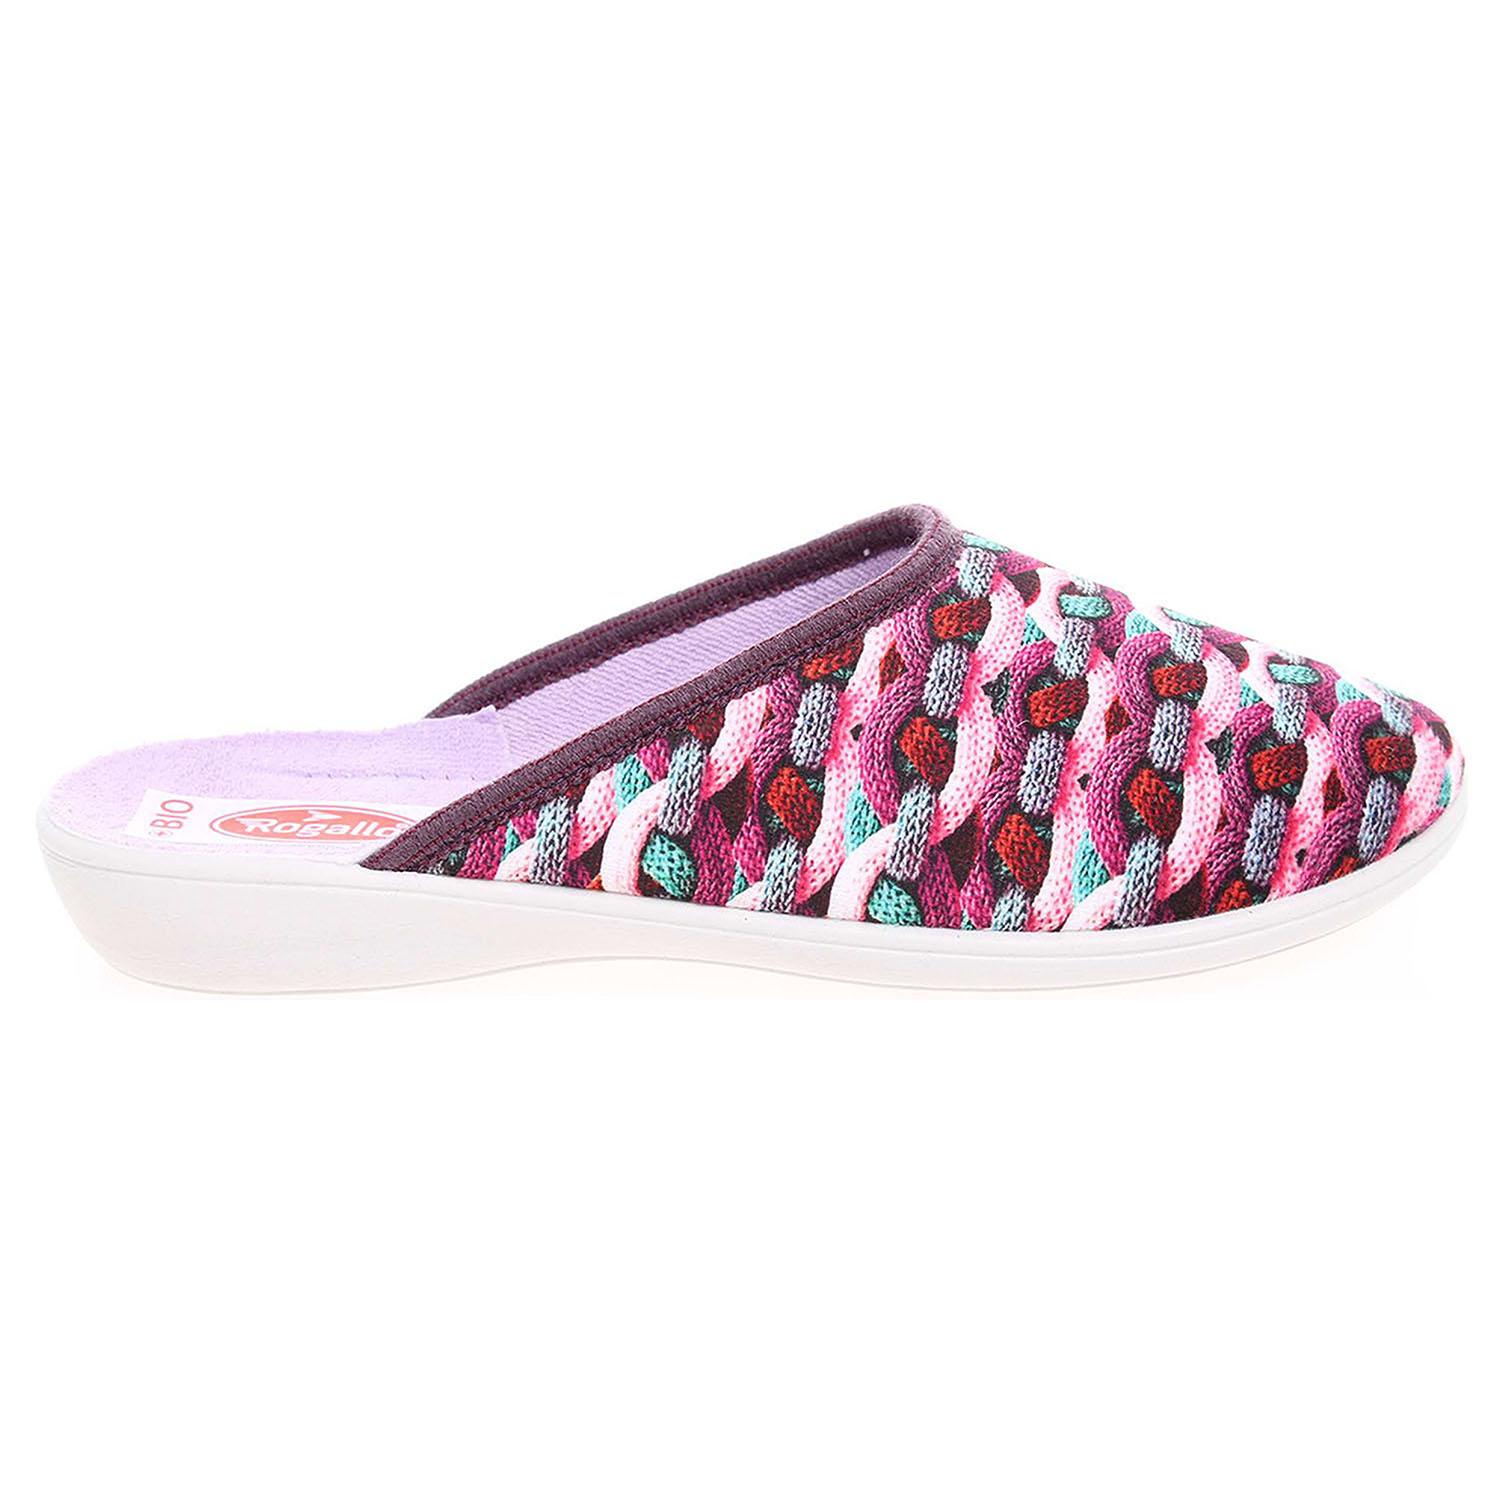 Rogallo dámské pantofle 20909 multicolor 41